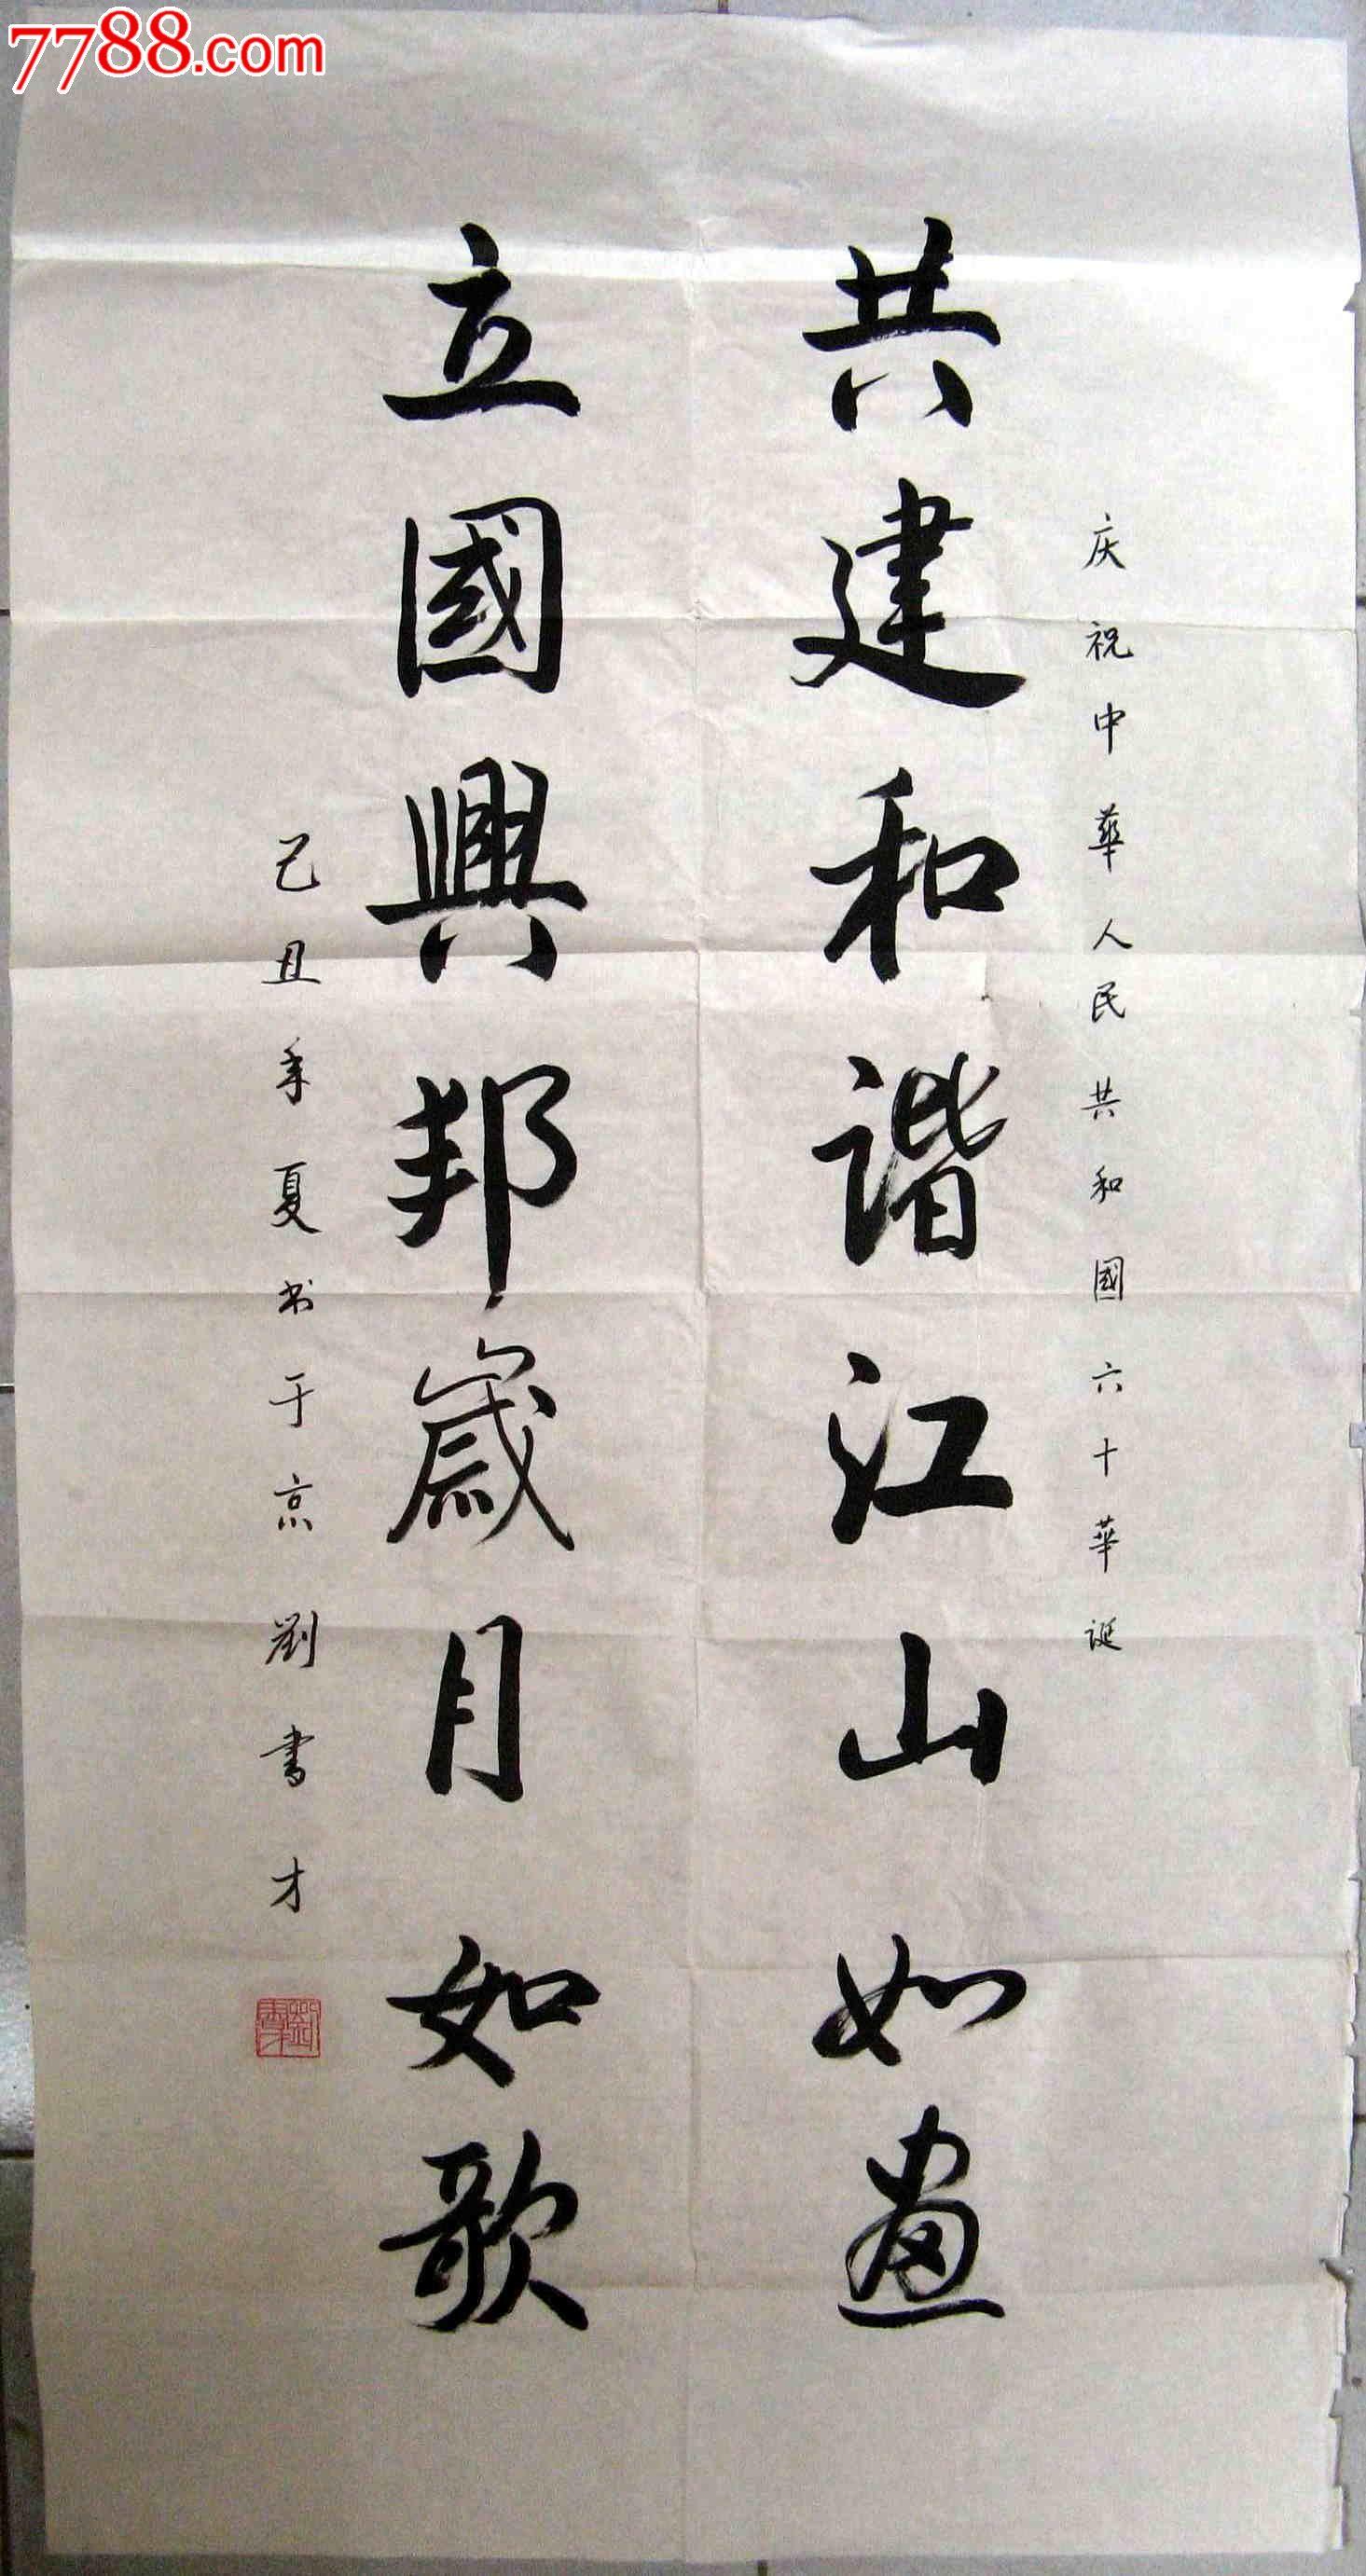 北京著名将军书法家四尺条幅行书《共建和谐江山如画图片